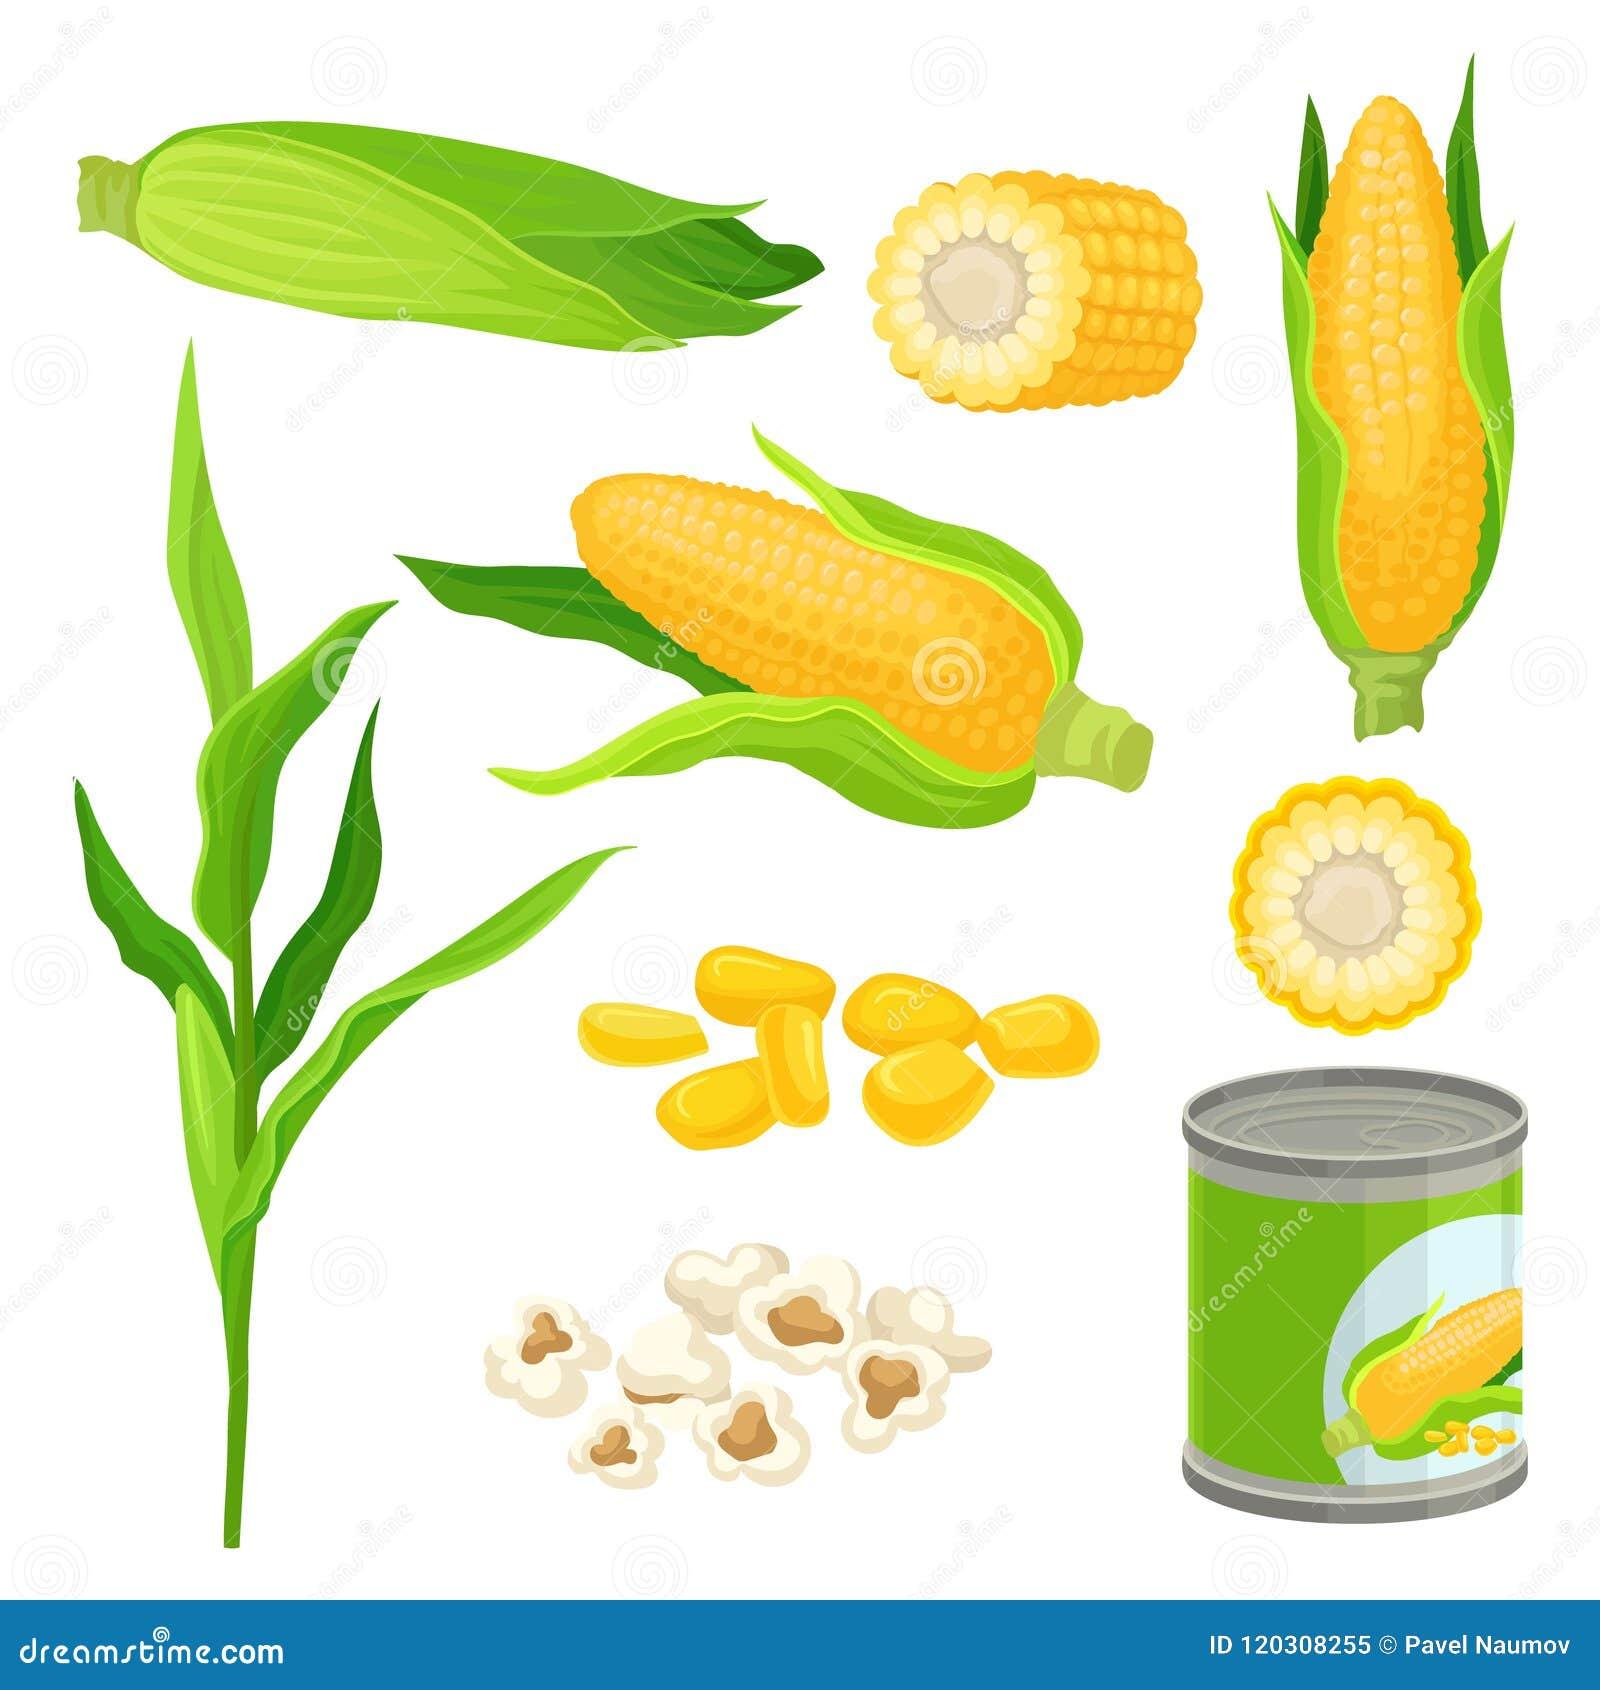 Słodkiej kukurudzy set, świezi kaczany, popkorn, konserwował kukurydzane wektorowe ilustracje na białym tle